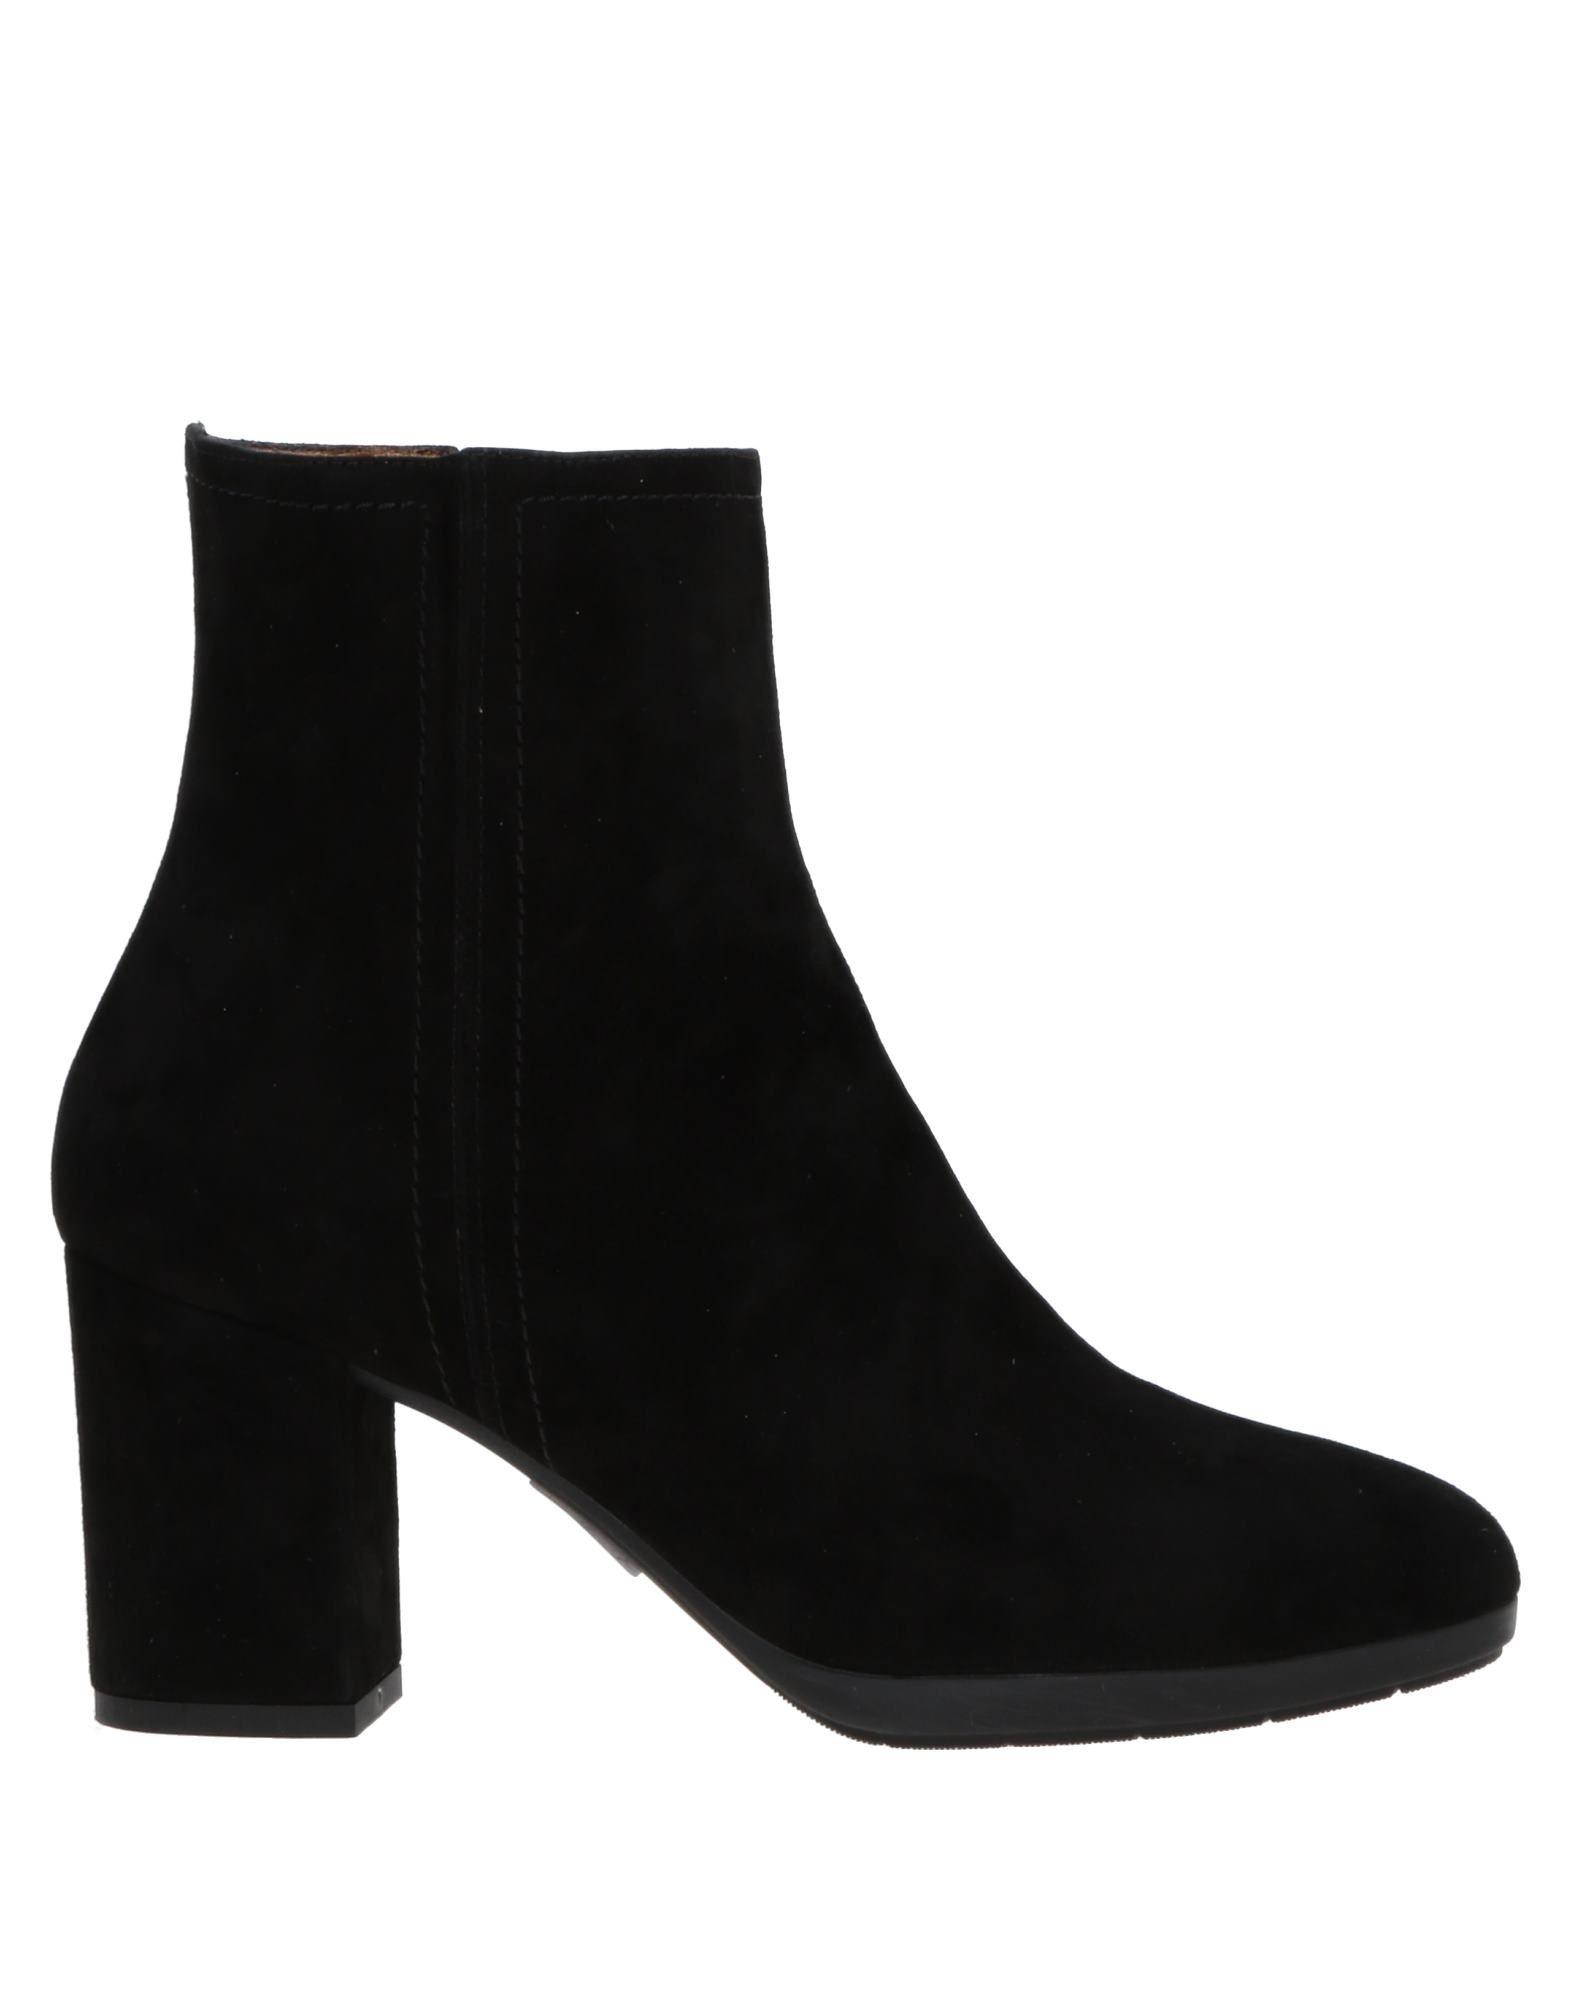 F.Lli Bruglia Stiefelette 11518493KF Damen  11518493KF Stiefelette Beliebte Schuhe 7029b6